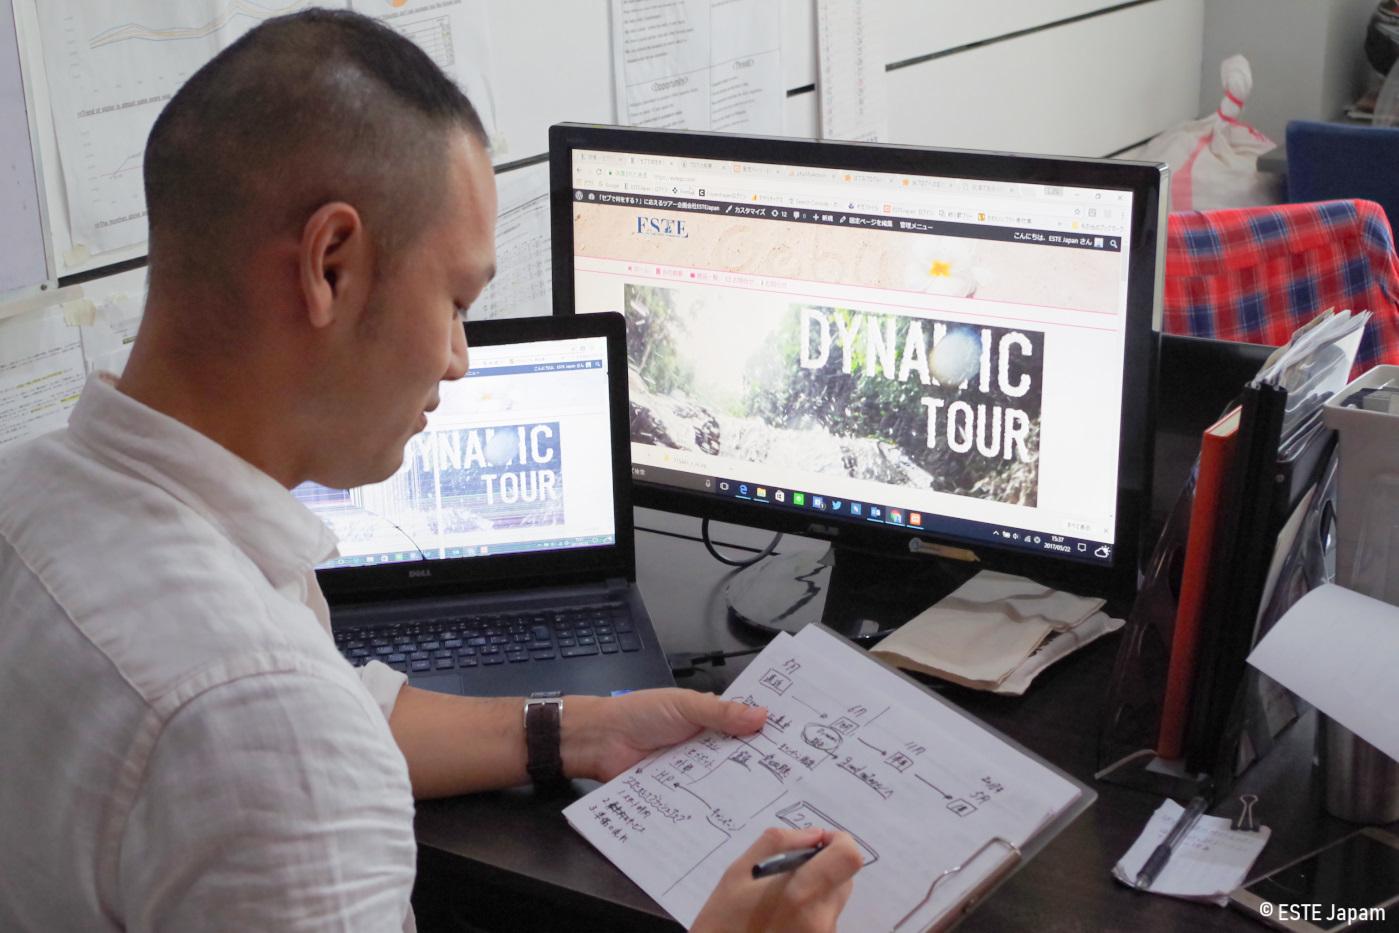 パソコンの前で仕事をしている男性